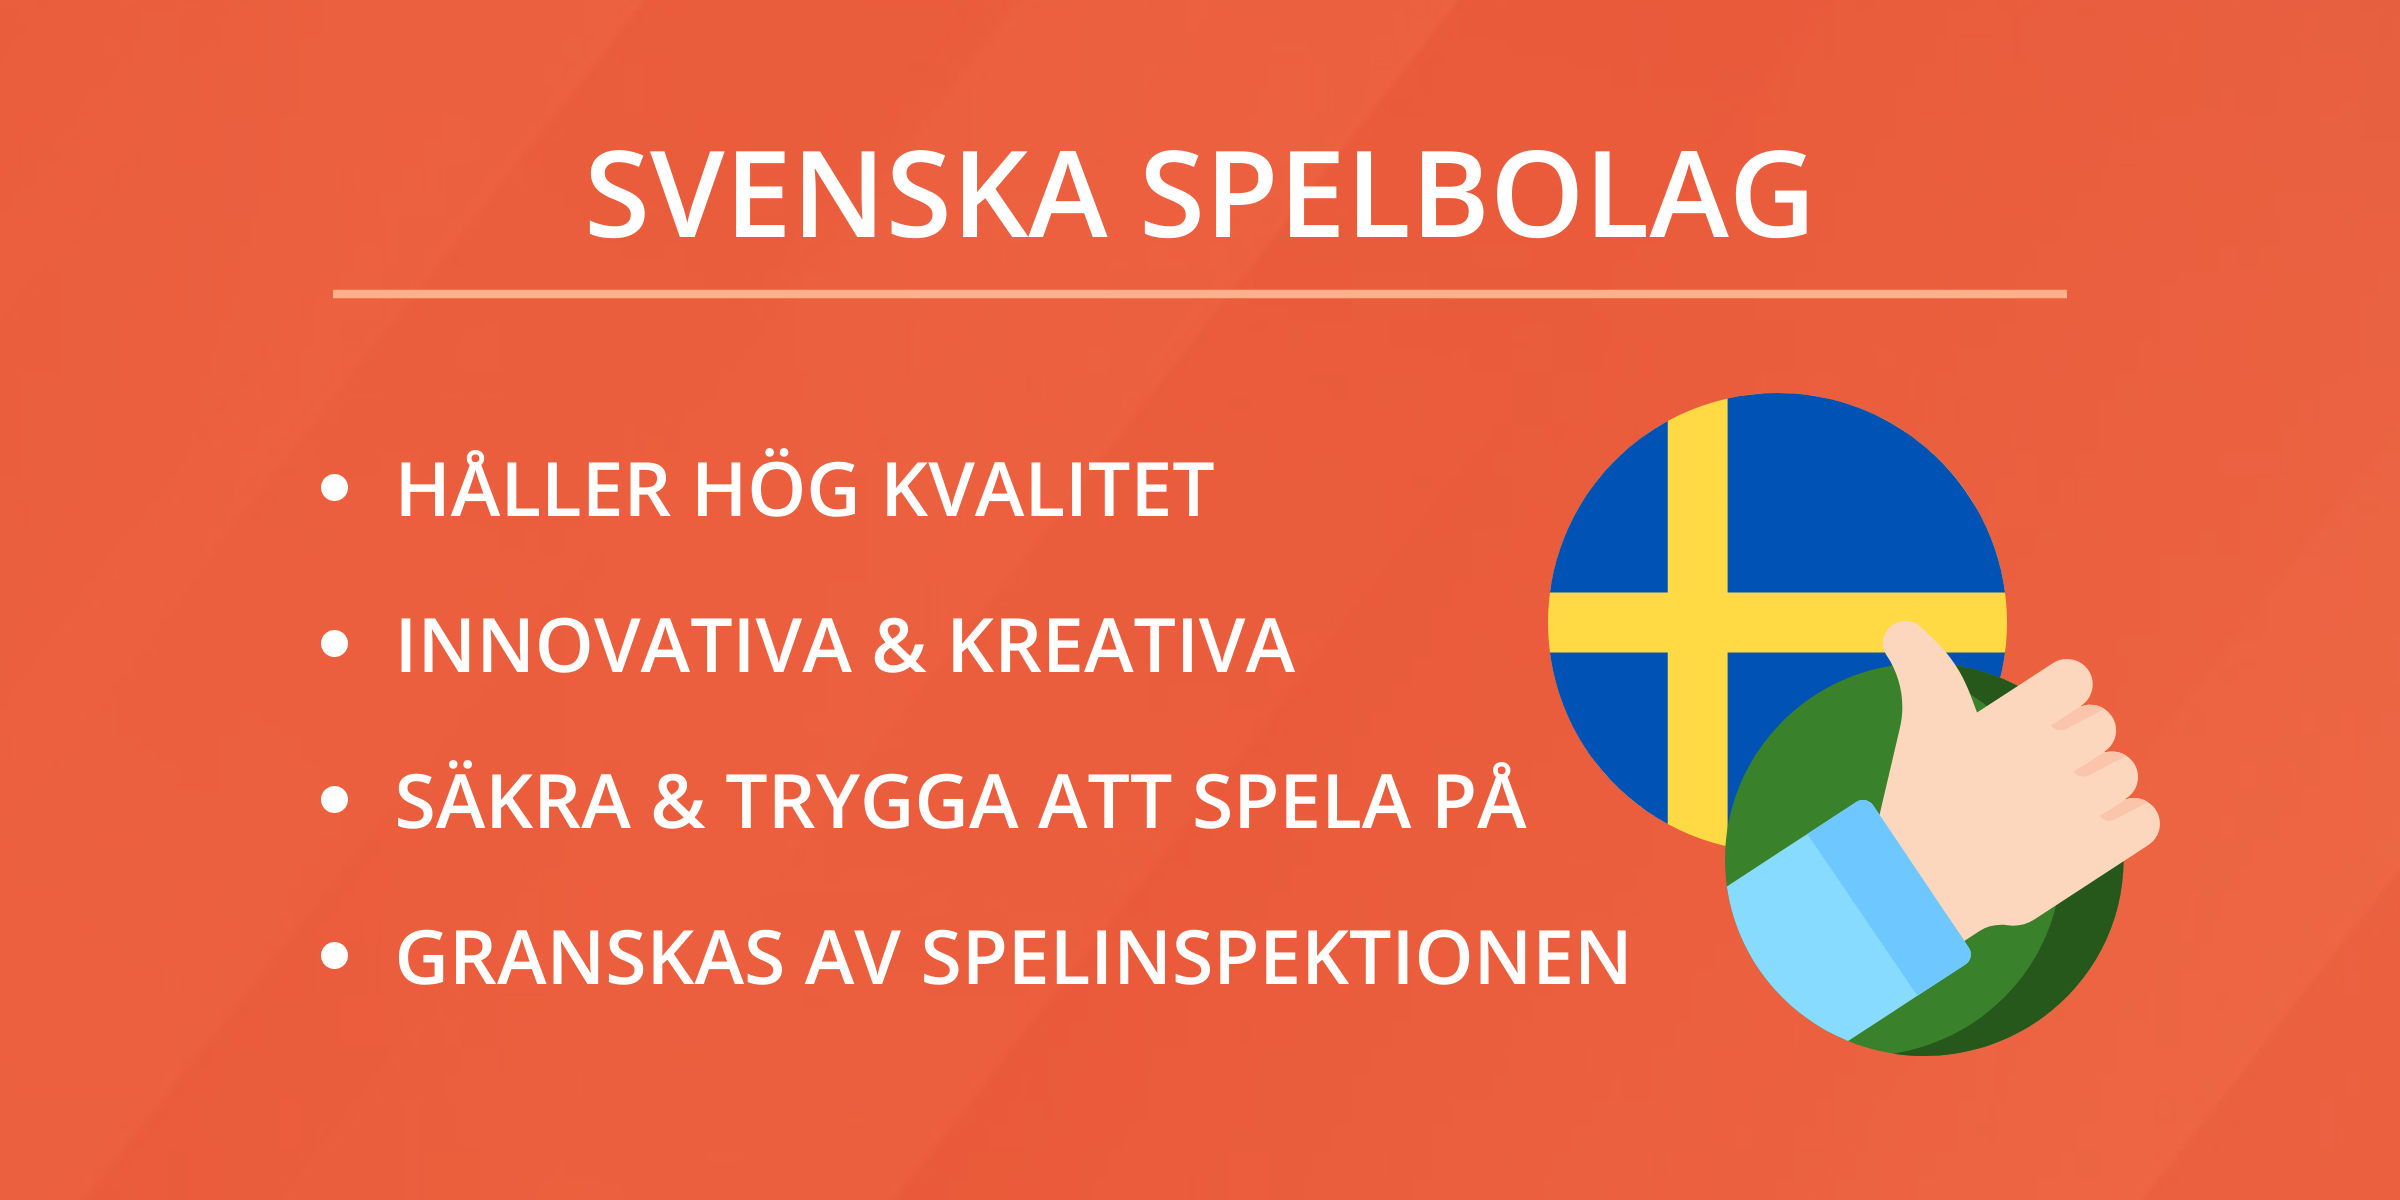 svenska-spelbolag-laktaren-se